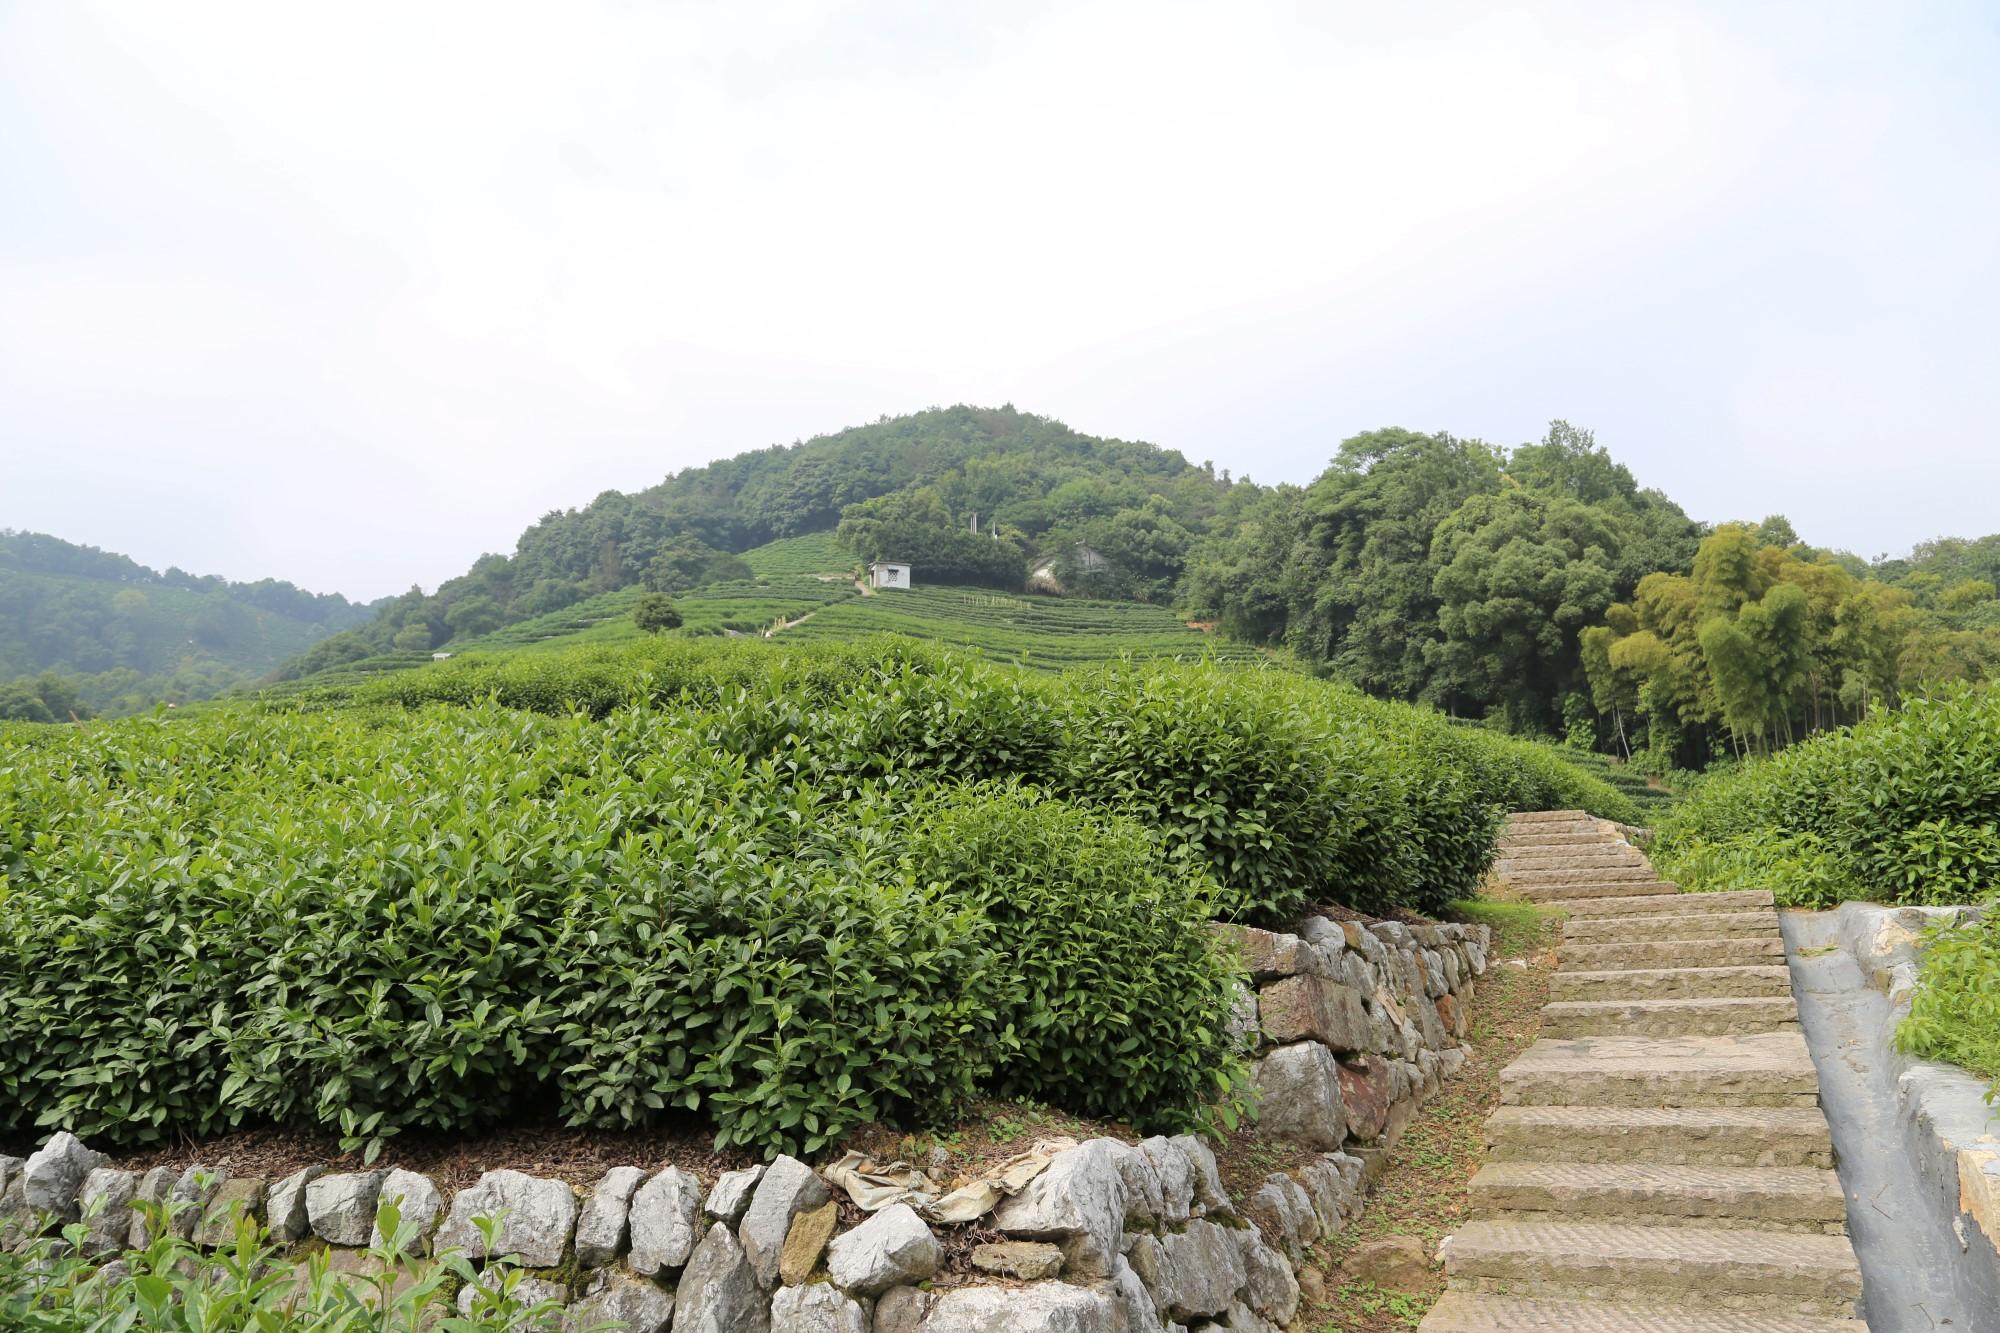 مزارع الشاي في الصين